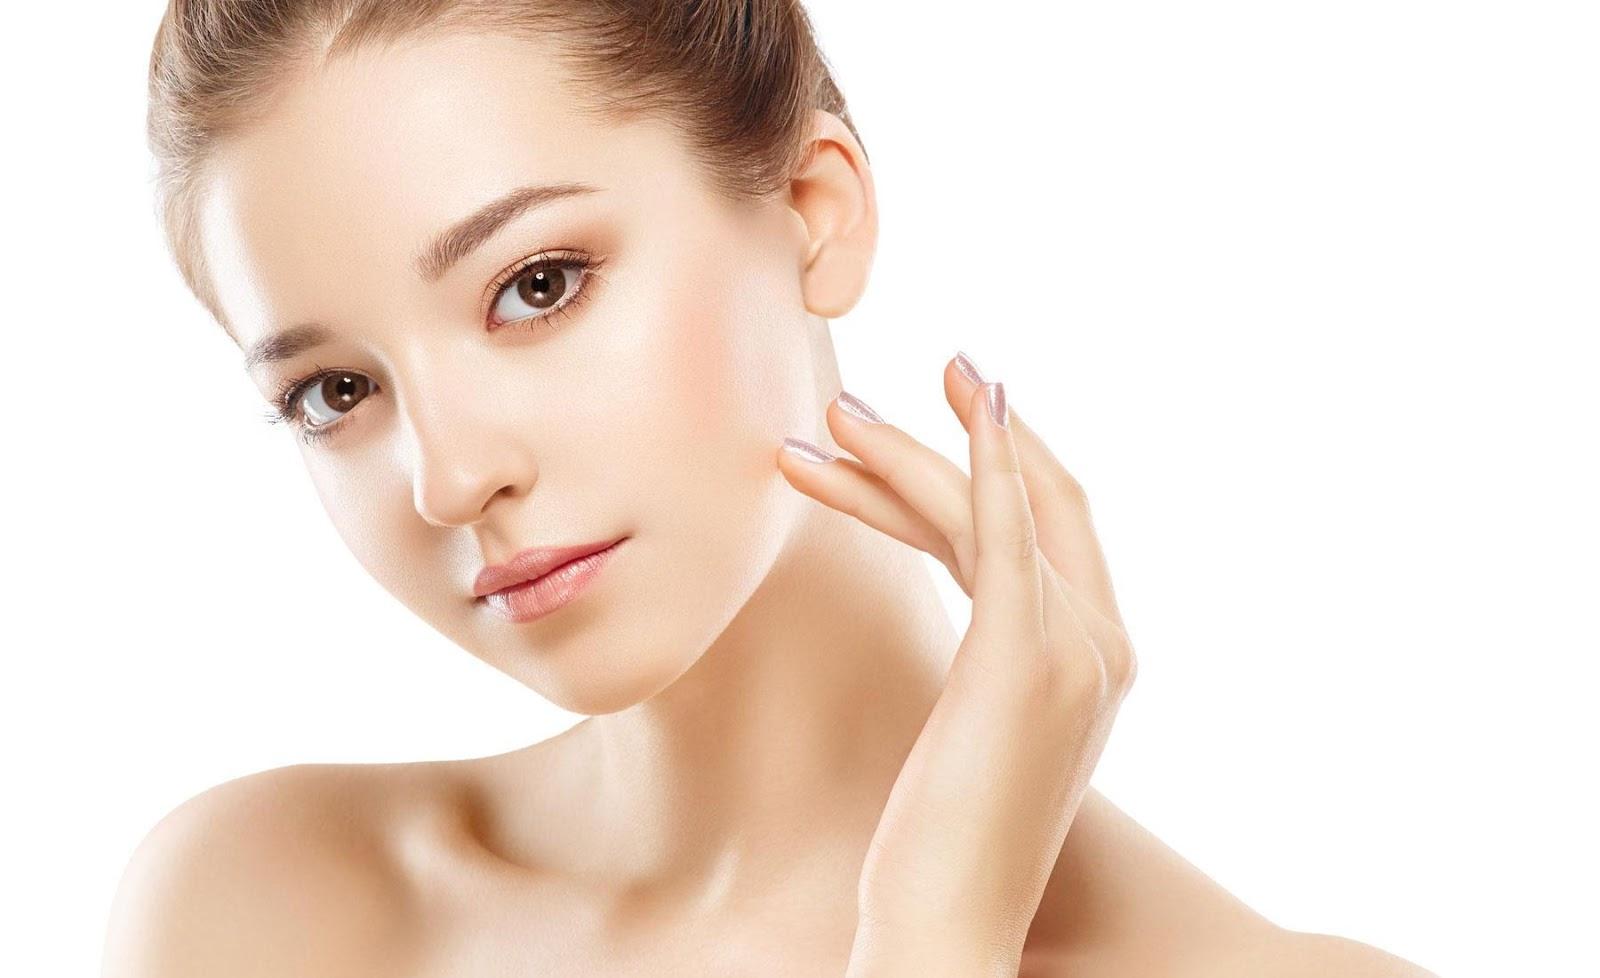 Các sản phẩm chăm sóc da mặt của phụ nữ Nhật